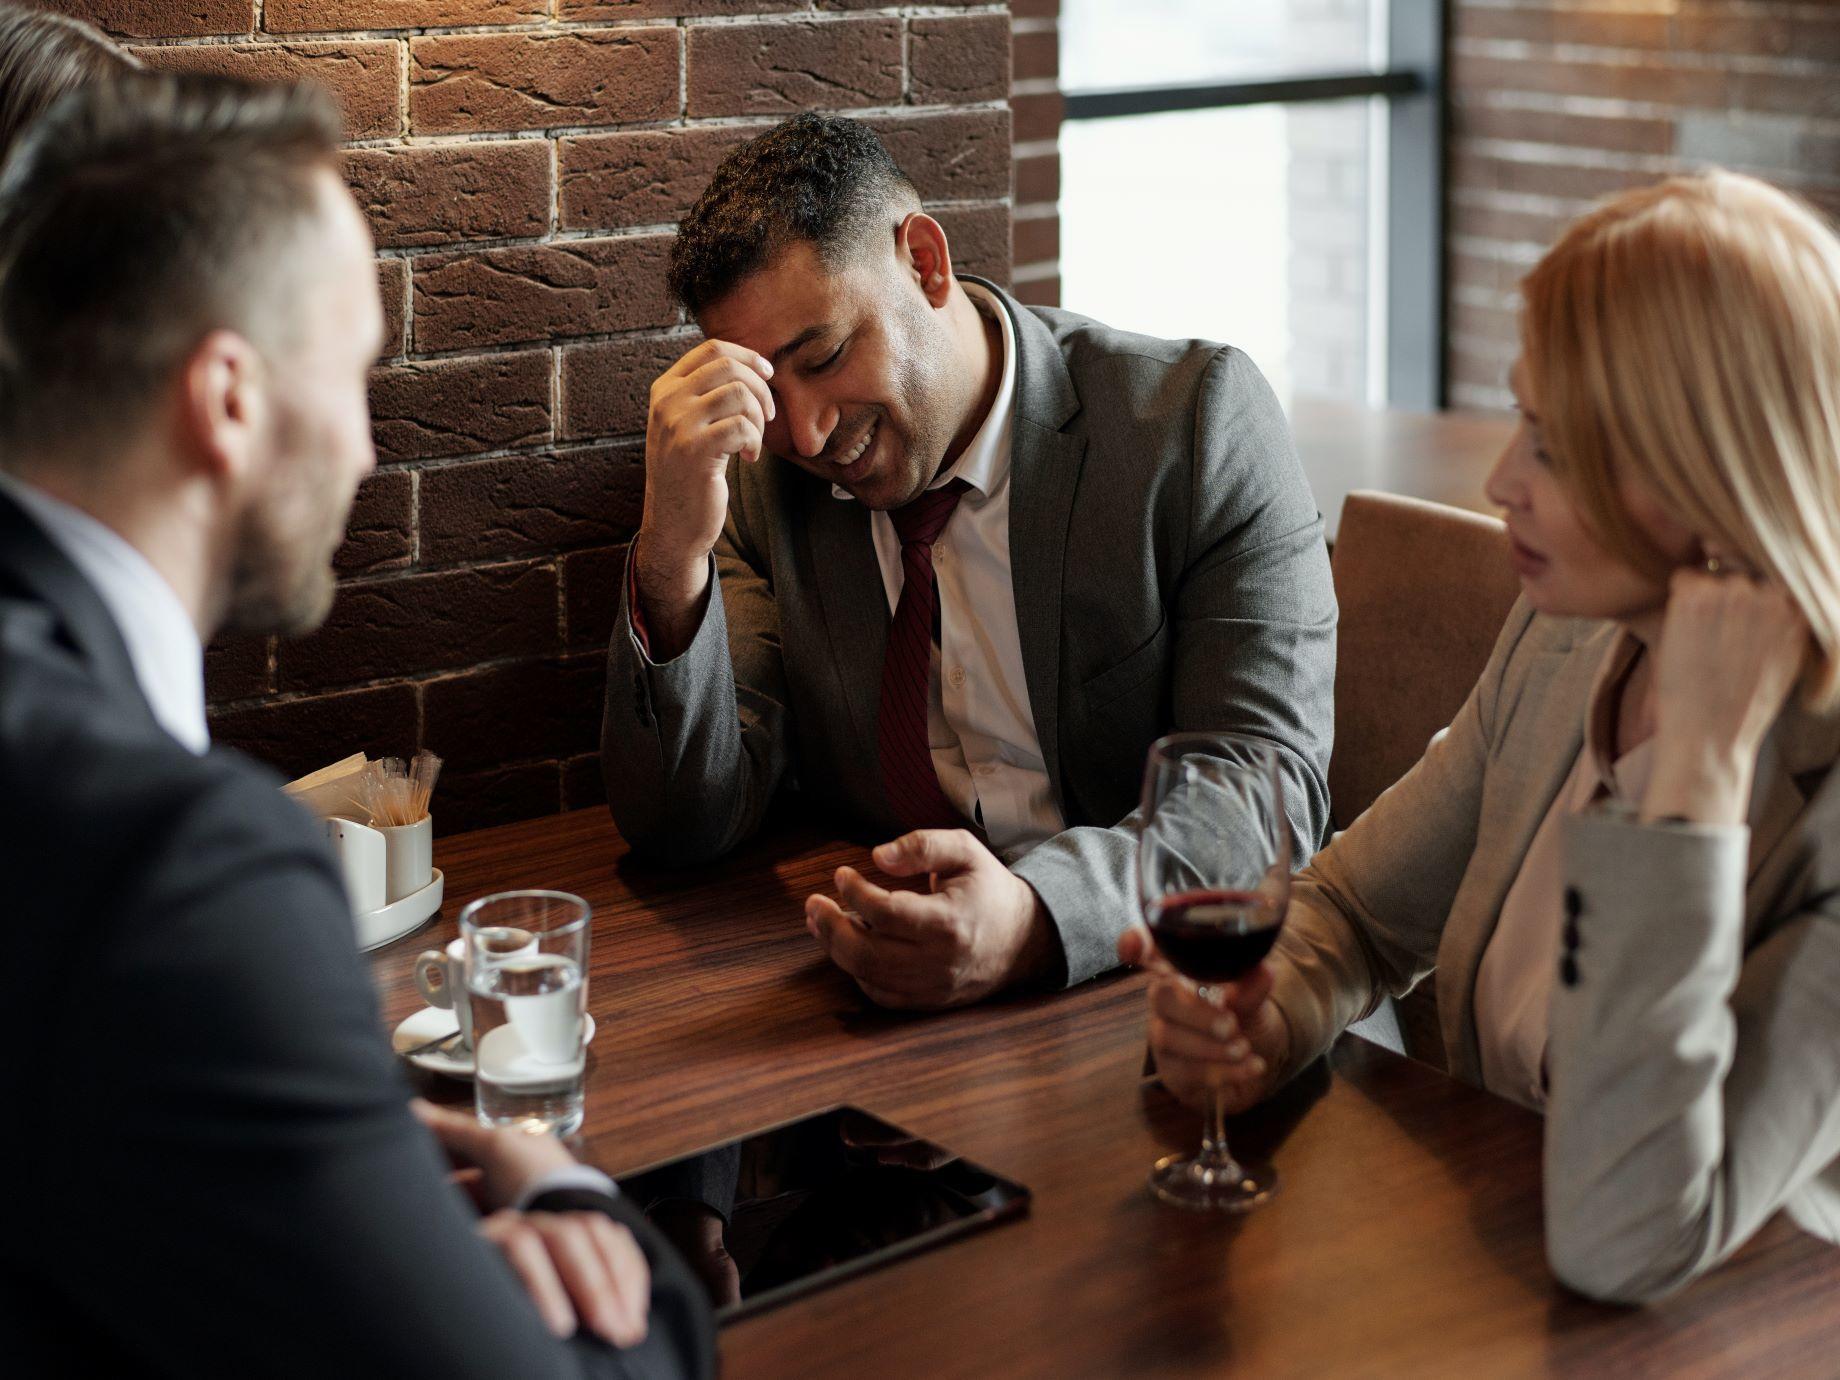 客戶愛殺價,怎麼回應才聰明?3大說服策略,讓話語權回到你身上,化解談判窘境